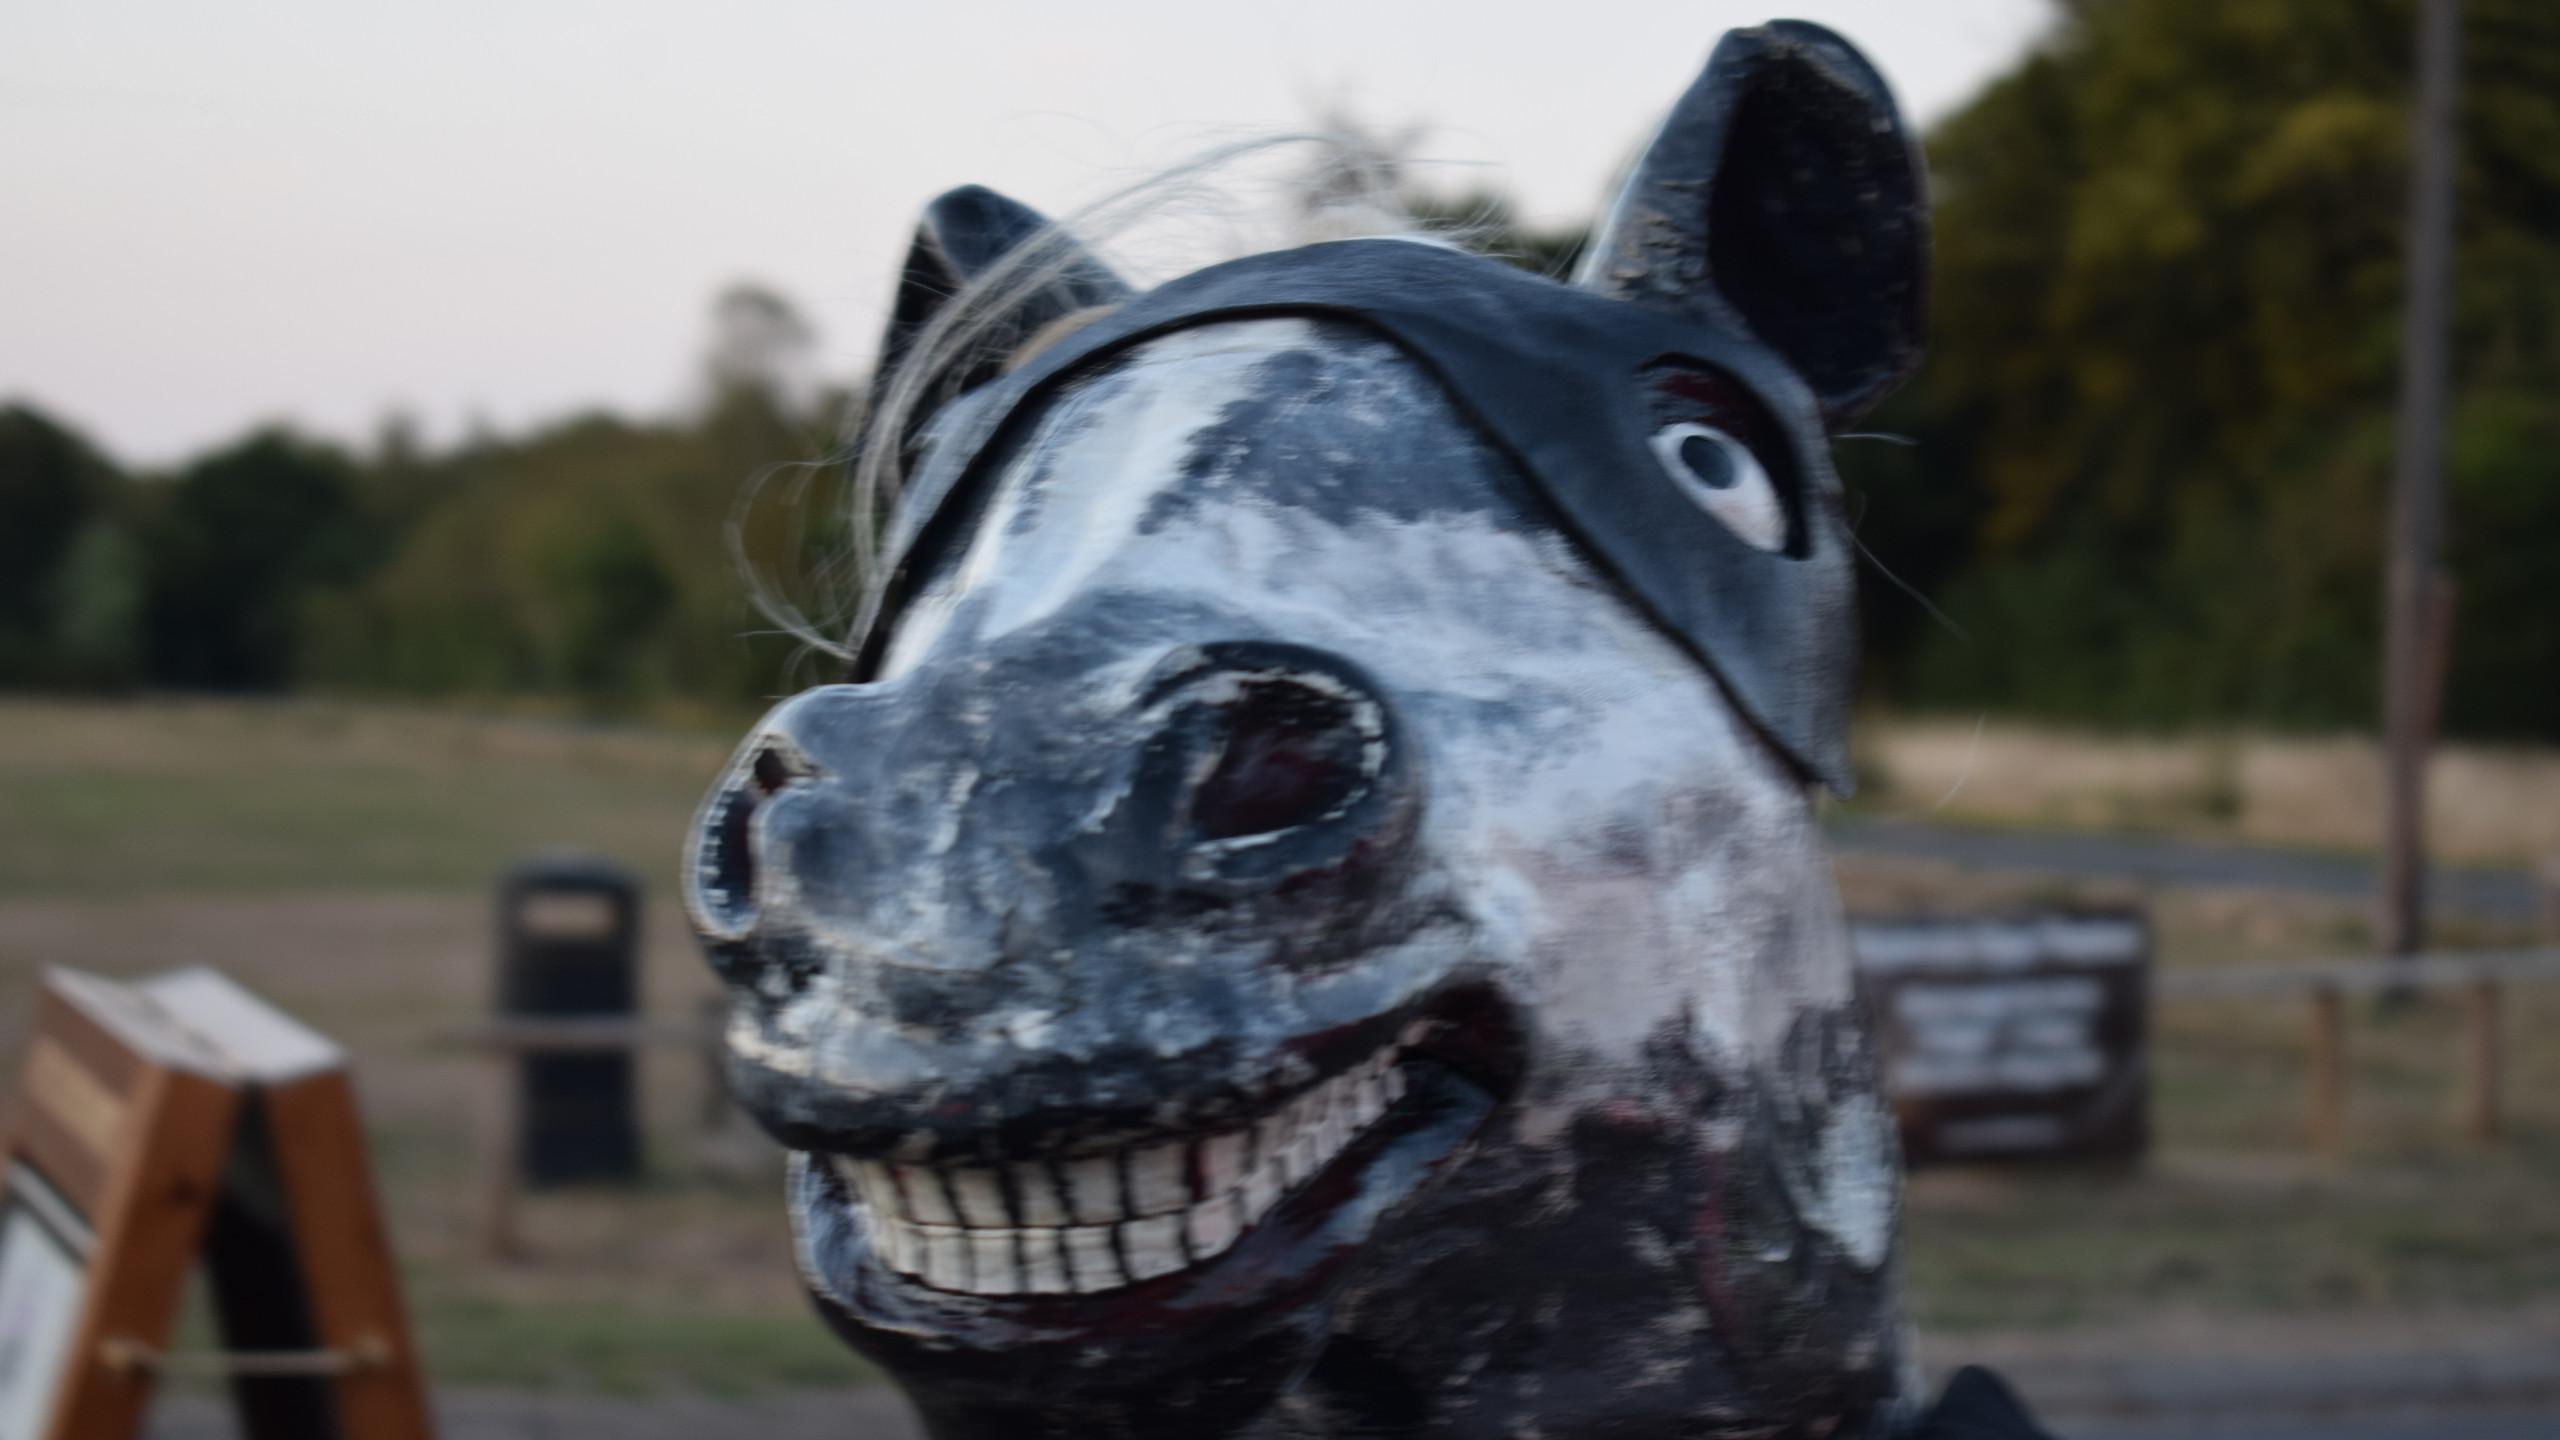 The World Famous Yateley Horse